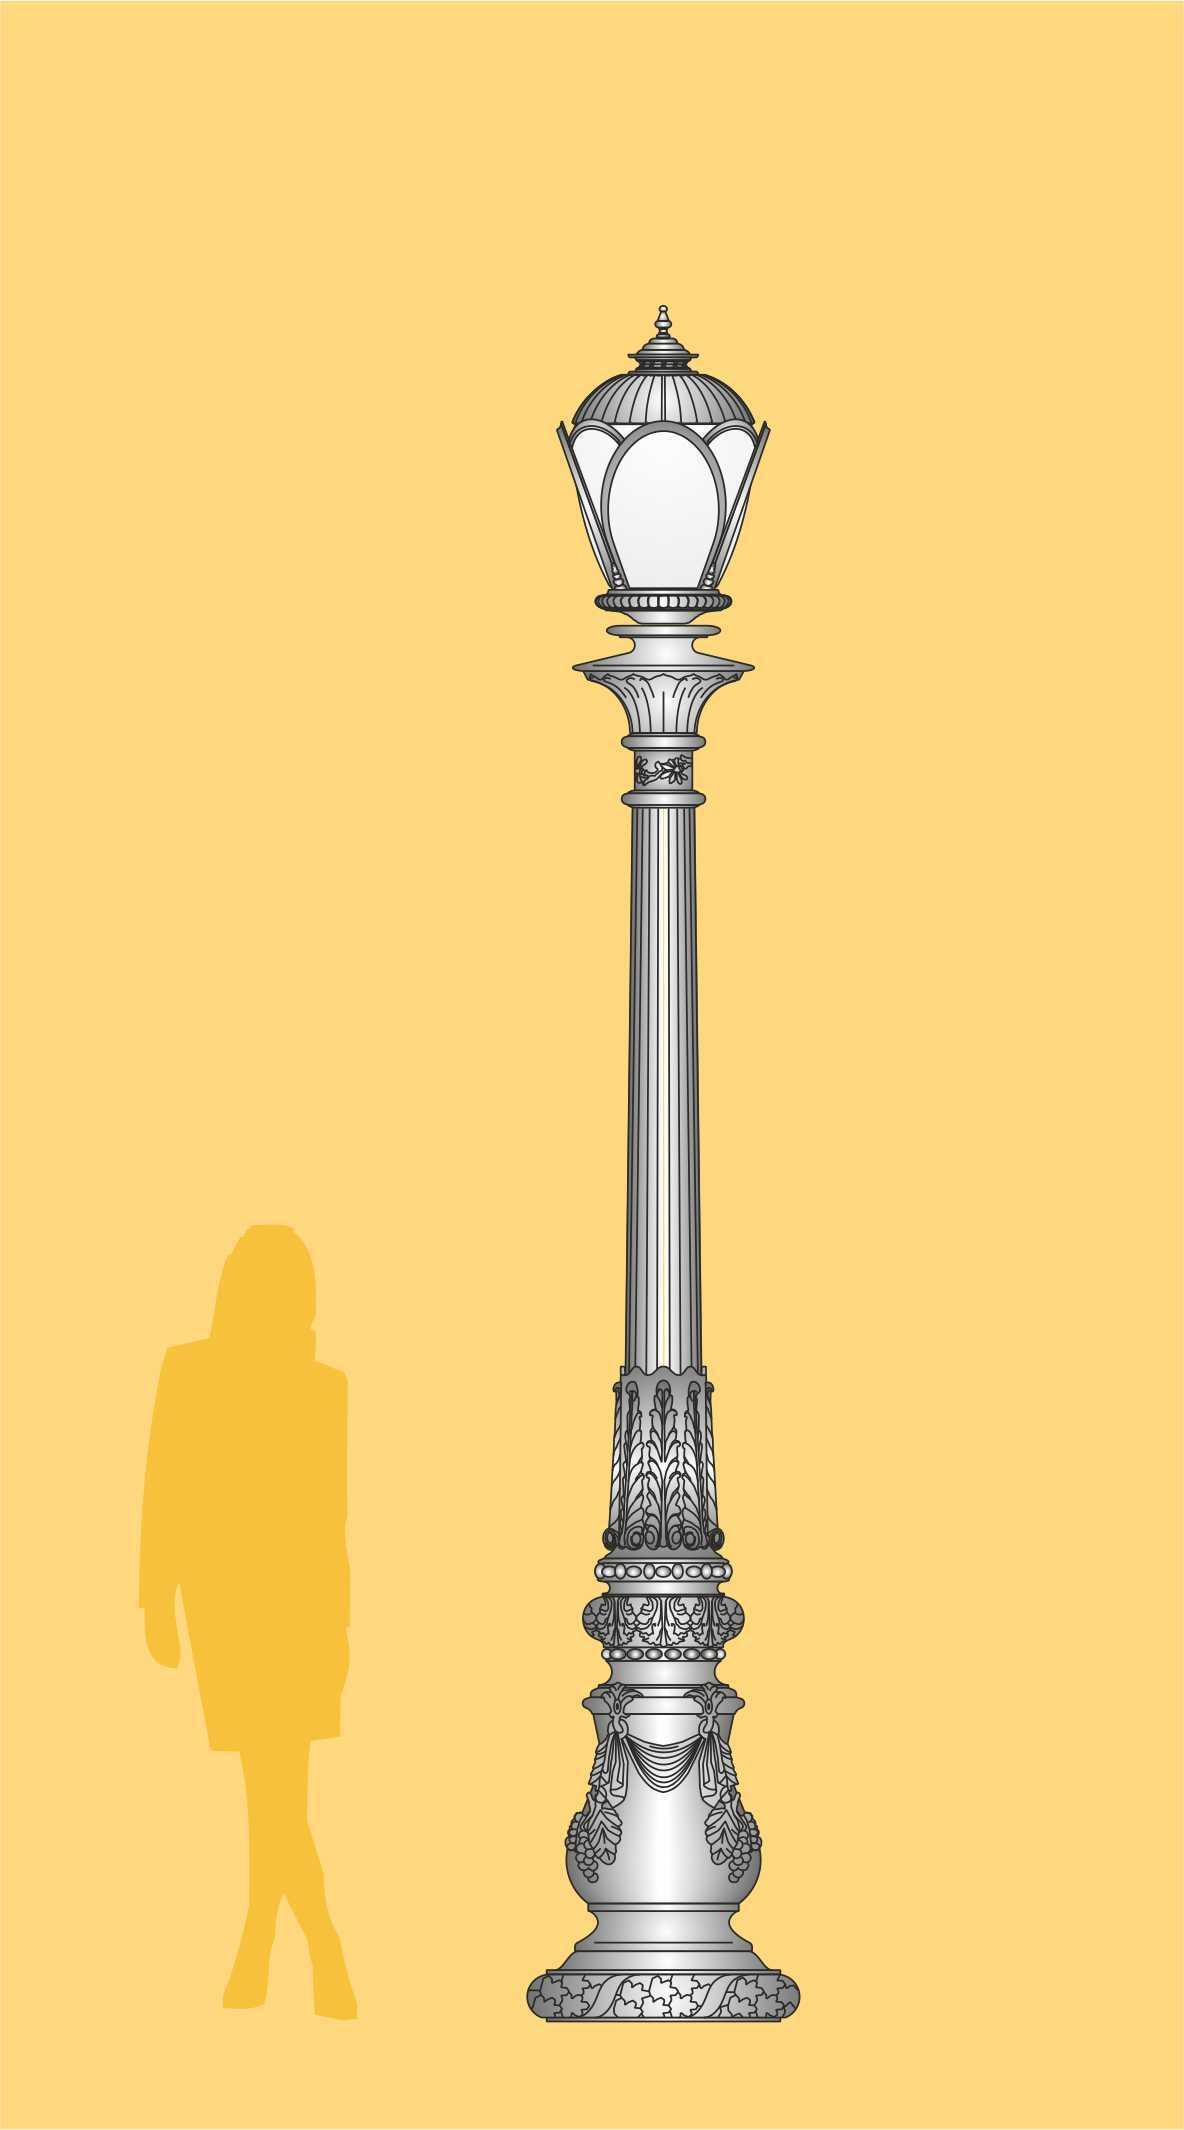 ekskluzywna latarnia ogrodowa, latarnia LED, oświetlenie ogrodowe